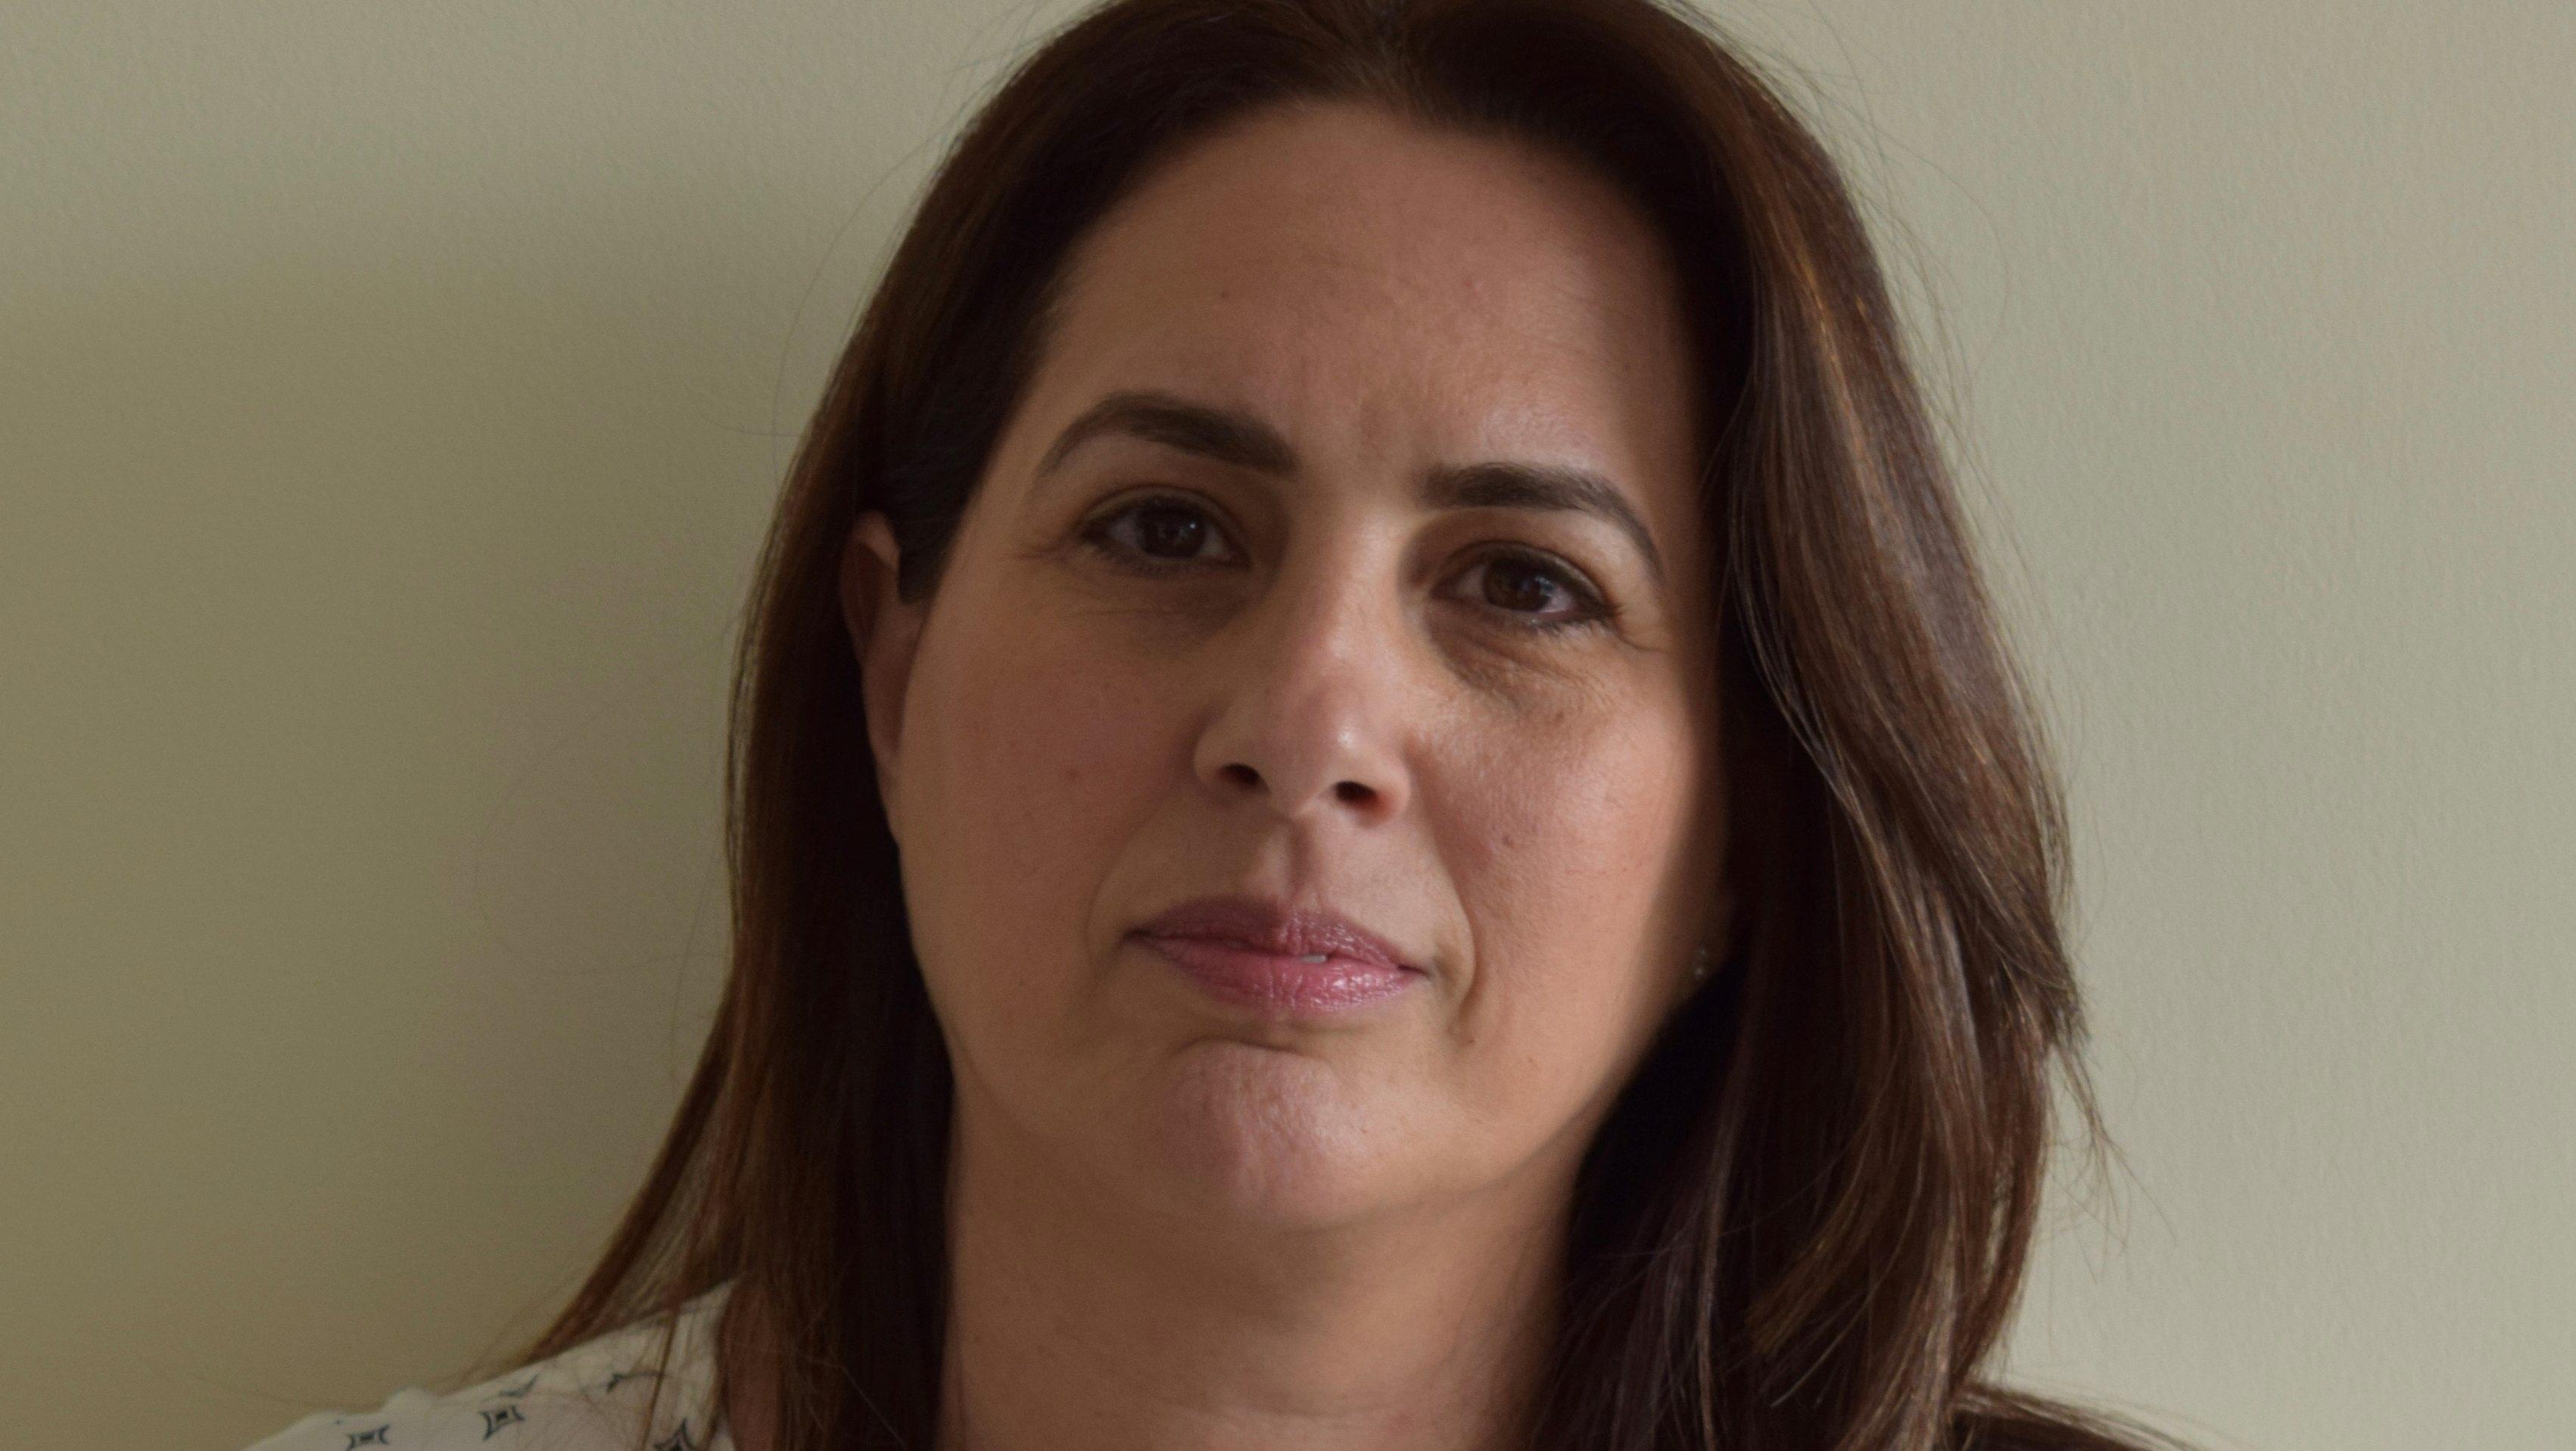 """עו""""ד סיגל כהן מונתה לסמנכ""""ל ומנהלת תביעות אלמנטרי בהפניקס"""